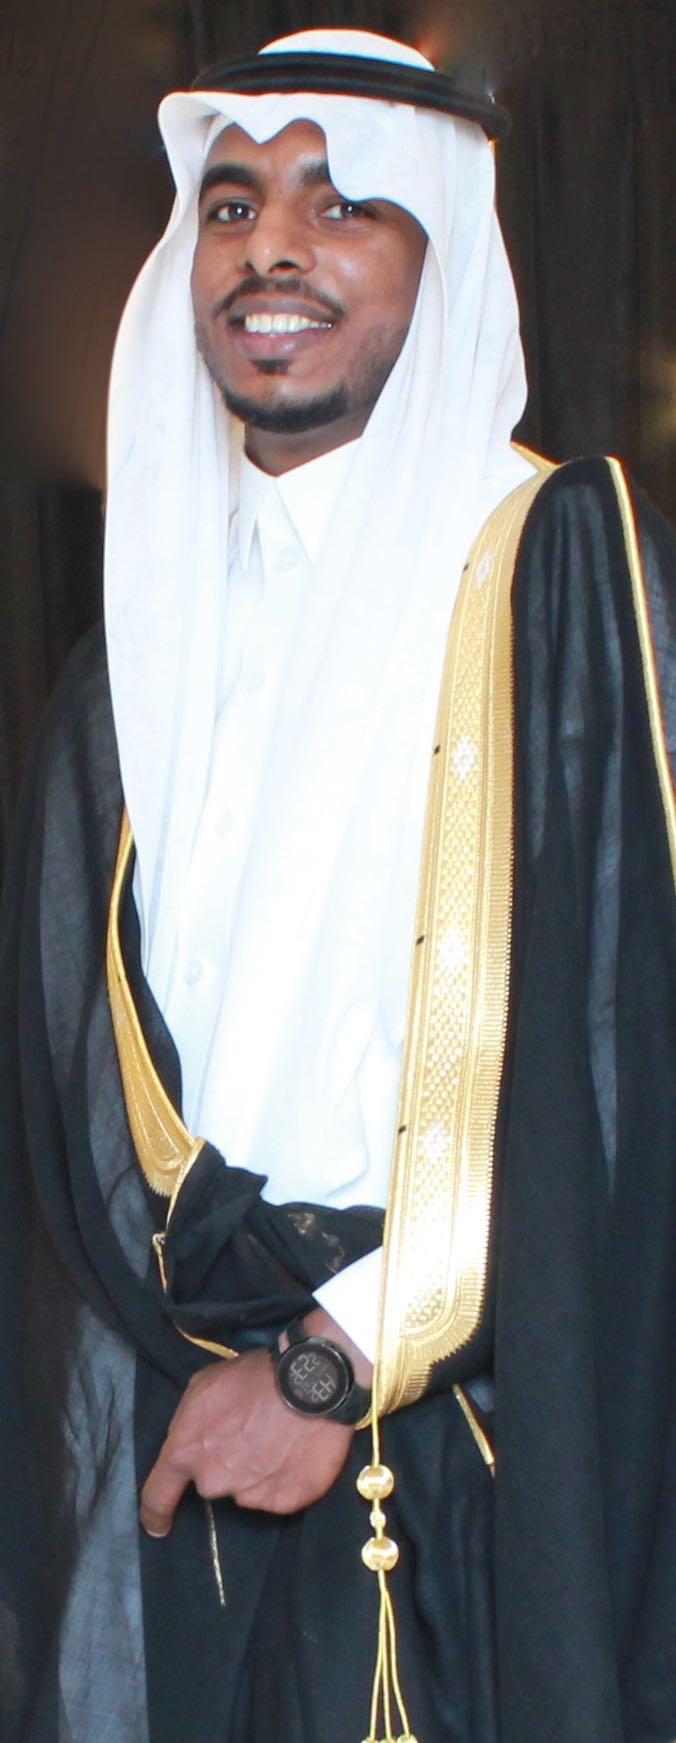 Ahmad  Mohawish